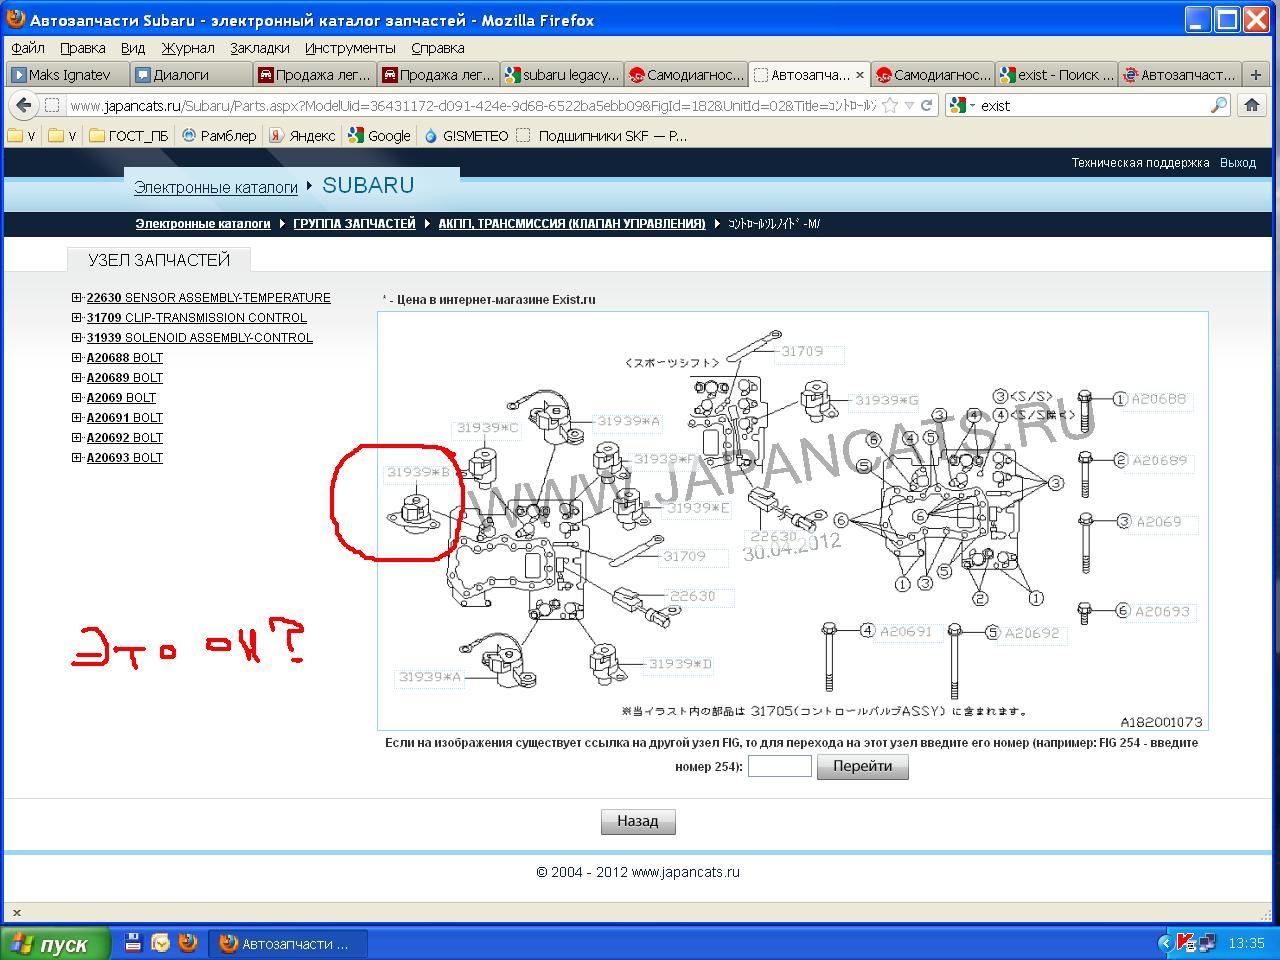 схема электрики проводки субару b4 ej206